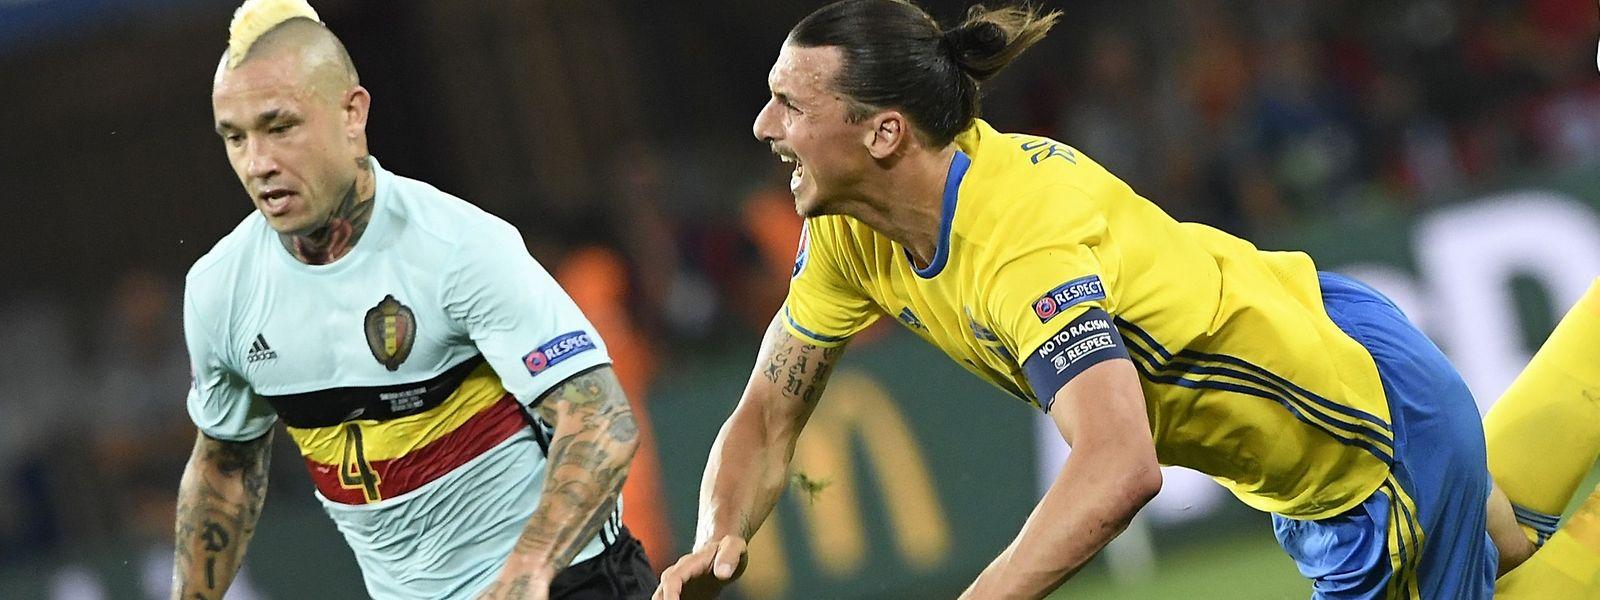 Radja Nainggolan (l.) gegen Zlatan Ibrahimovic - am Ende hatte der Belgier das bessere Ende für sich.